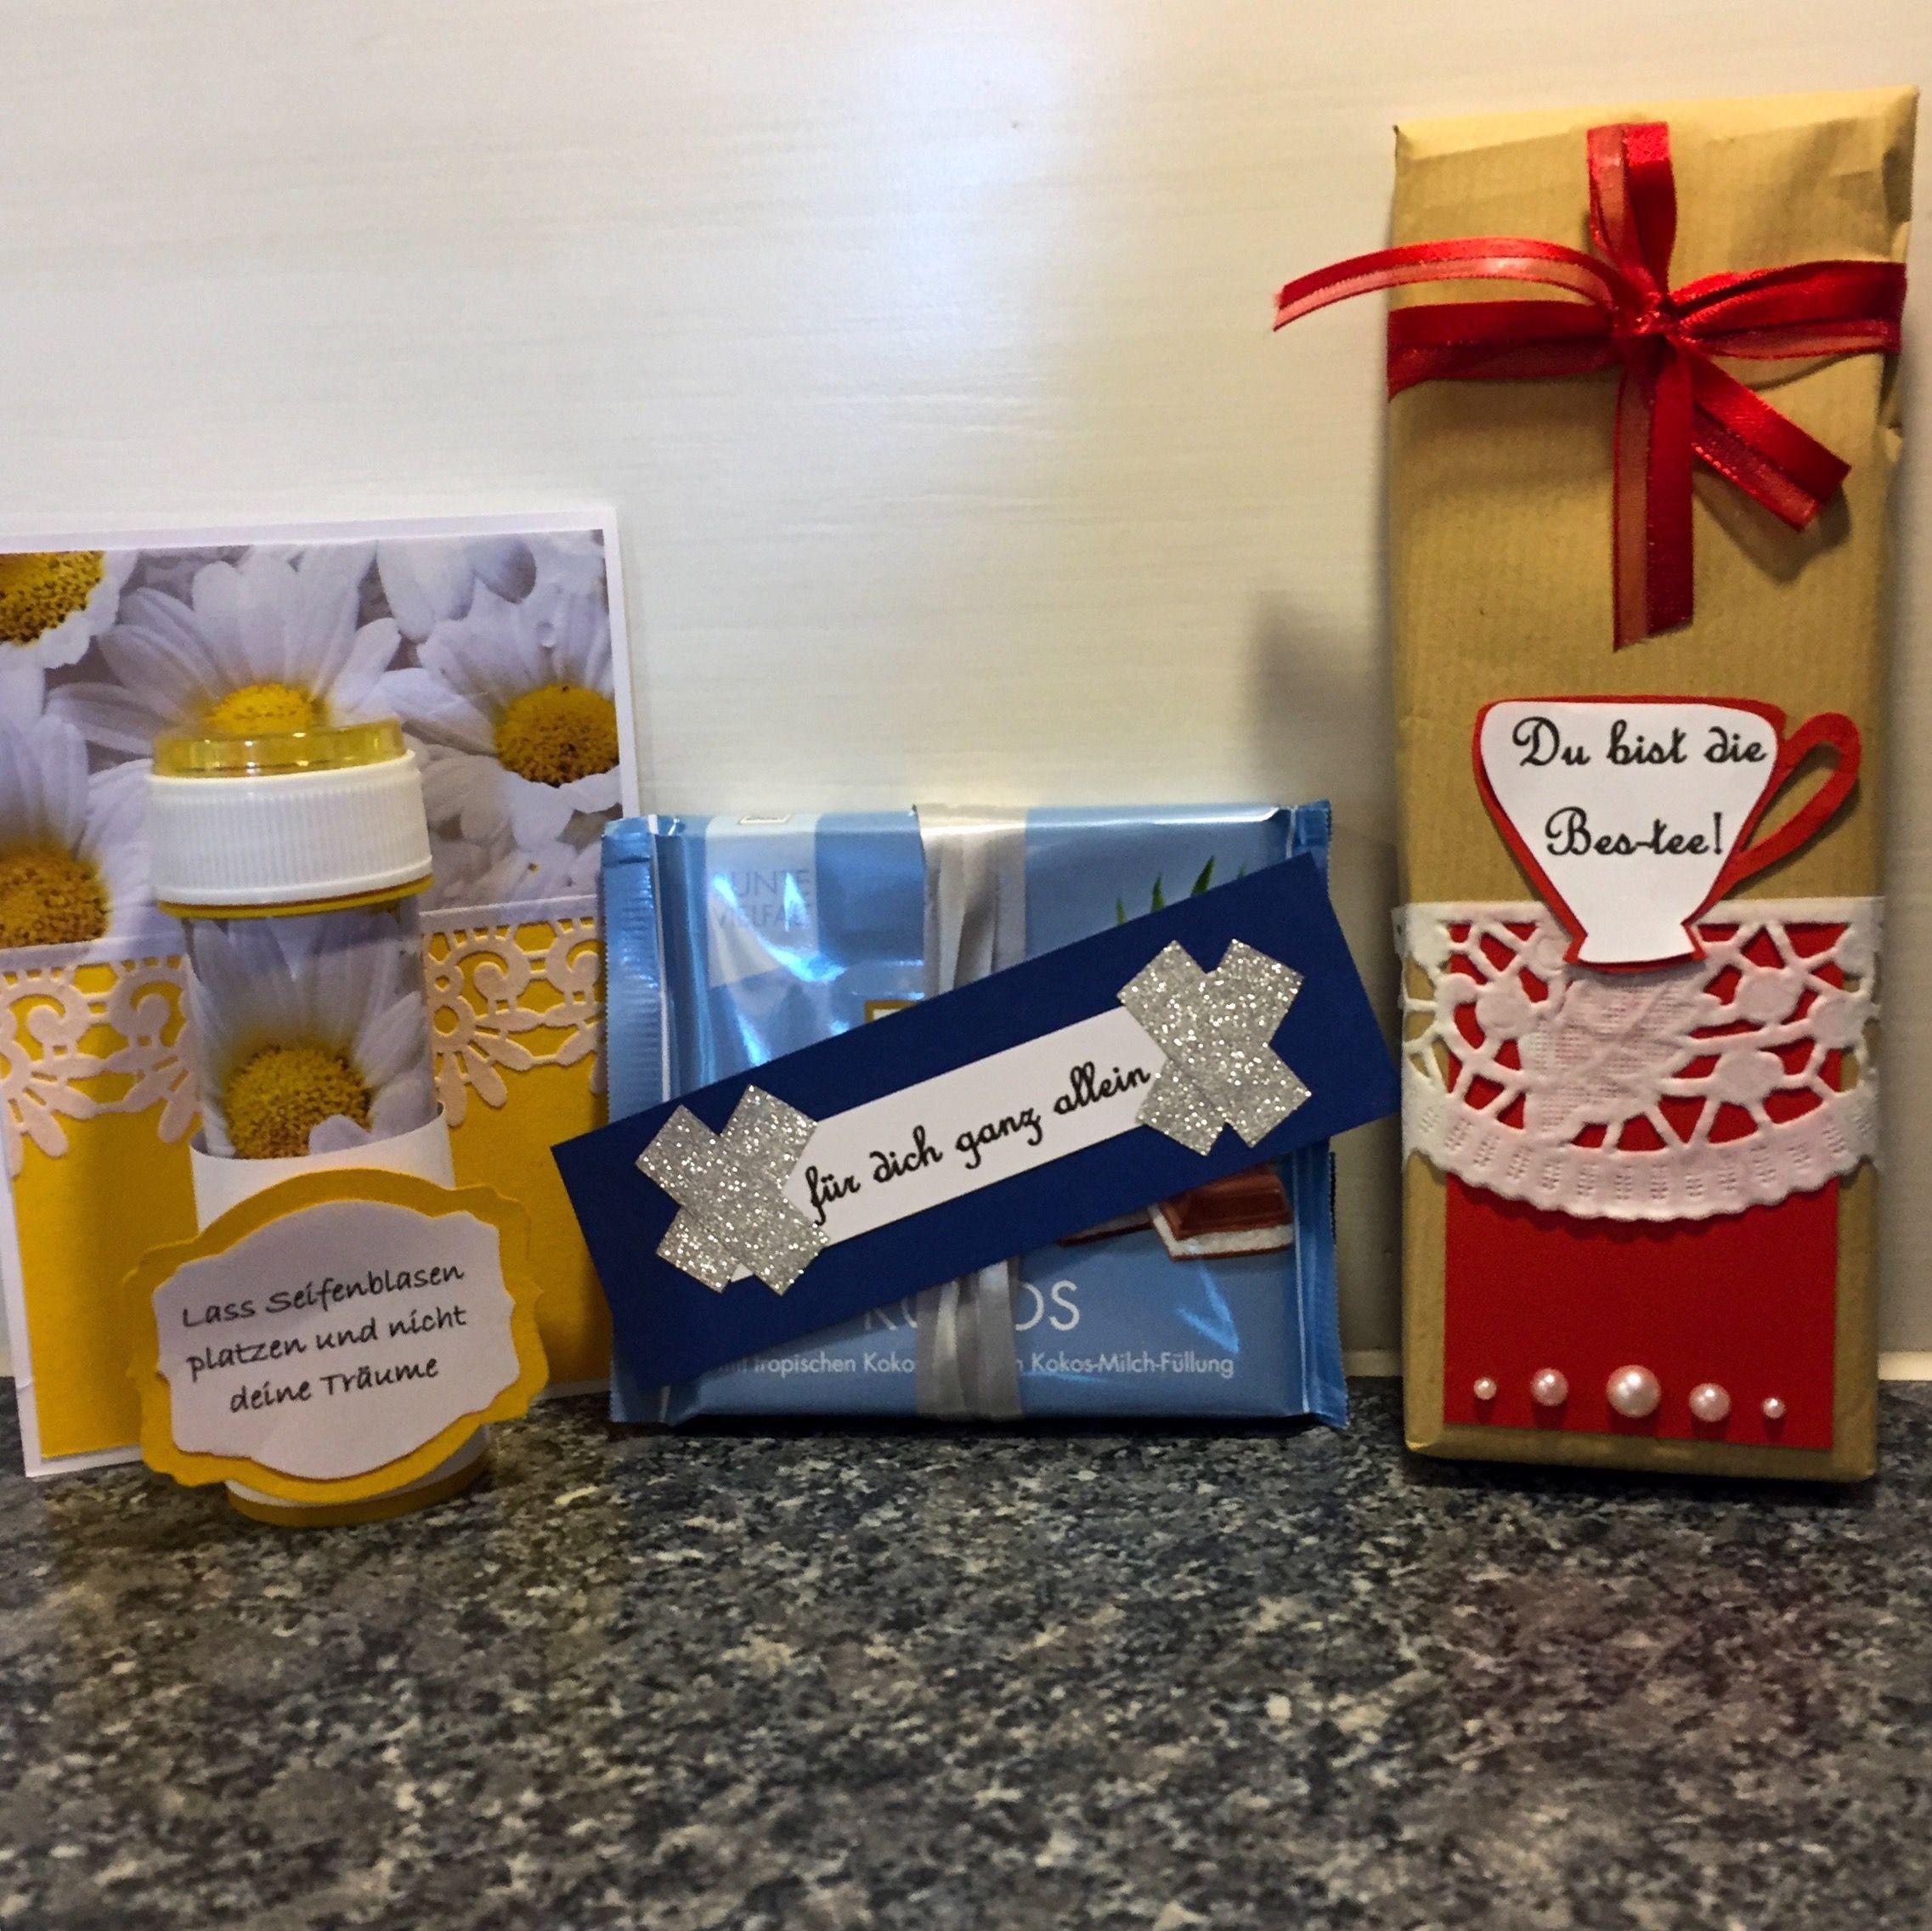 Witzige Geschenke Kleinigkeiten Something To Do Flirting Gift